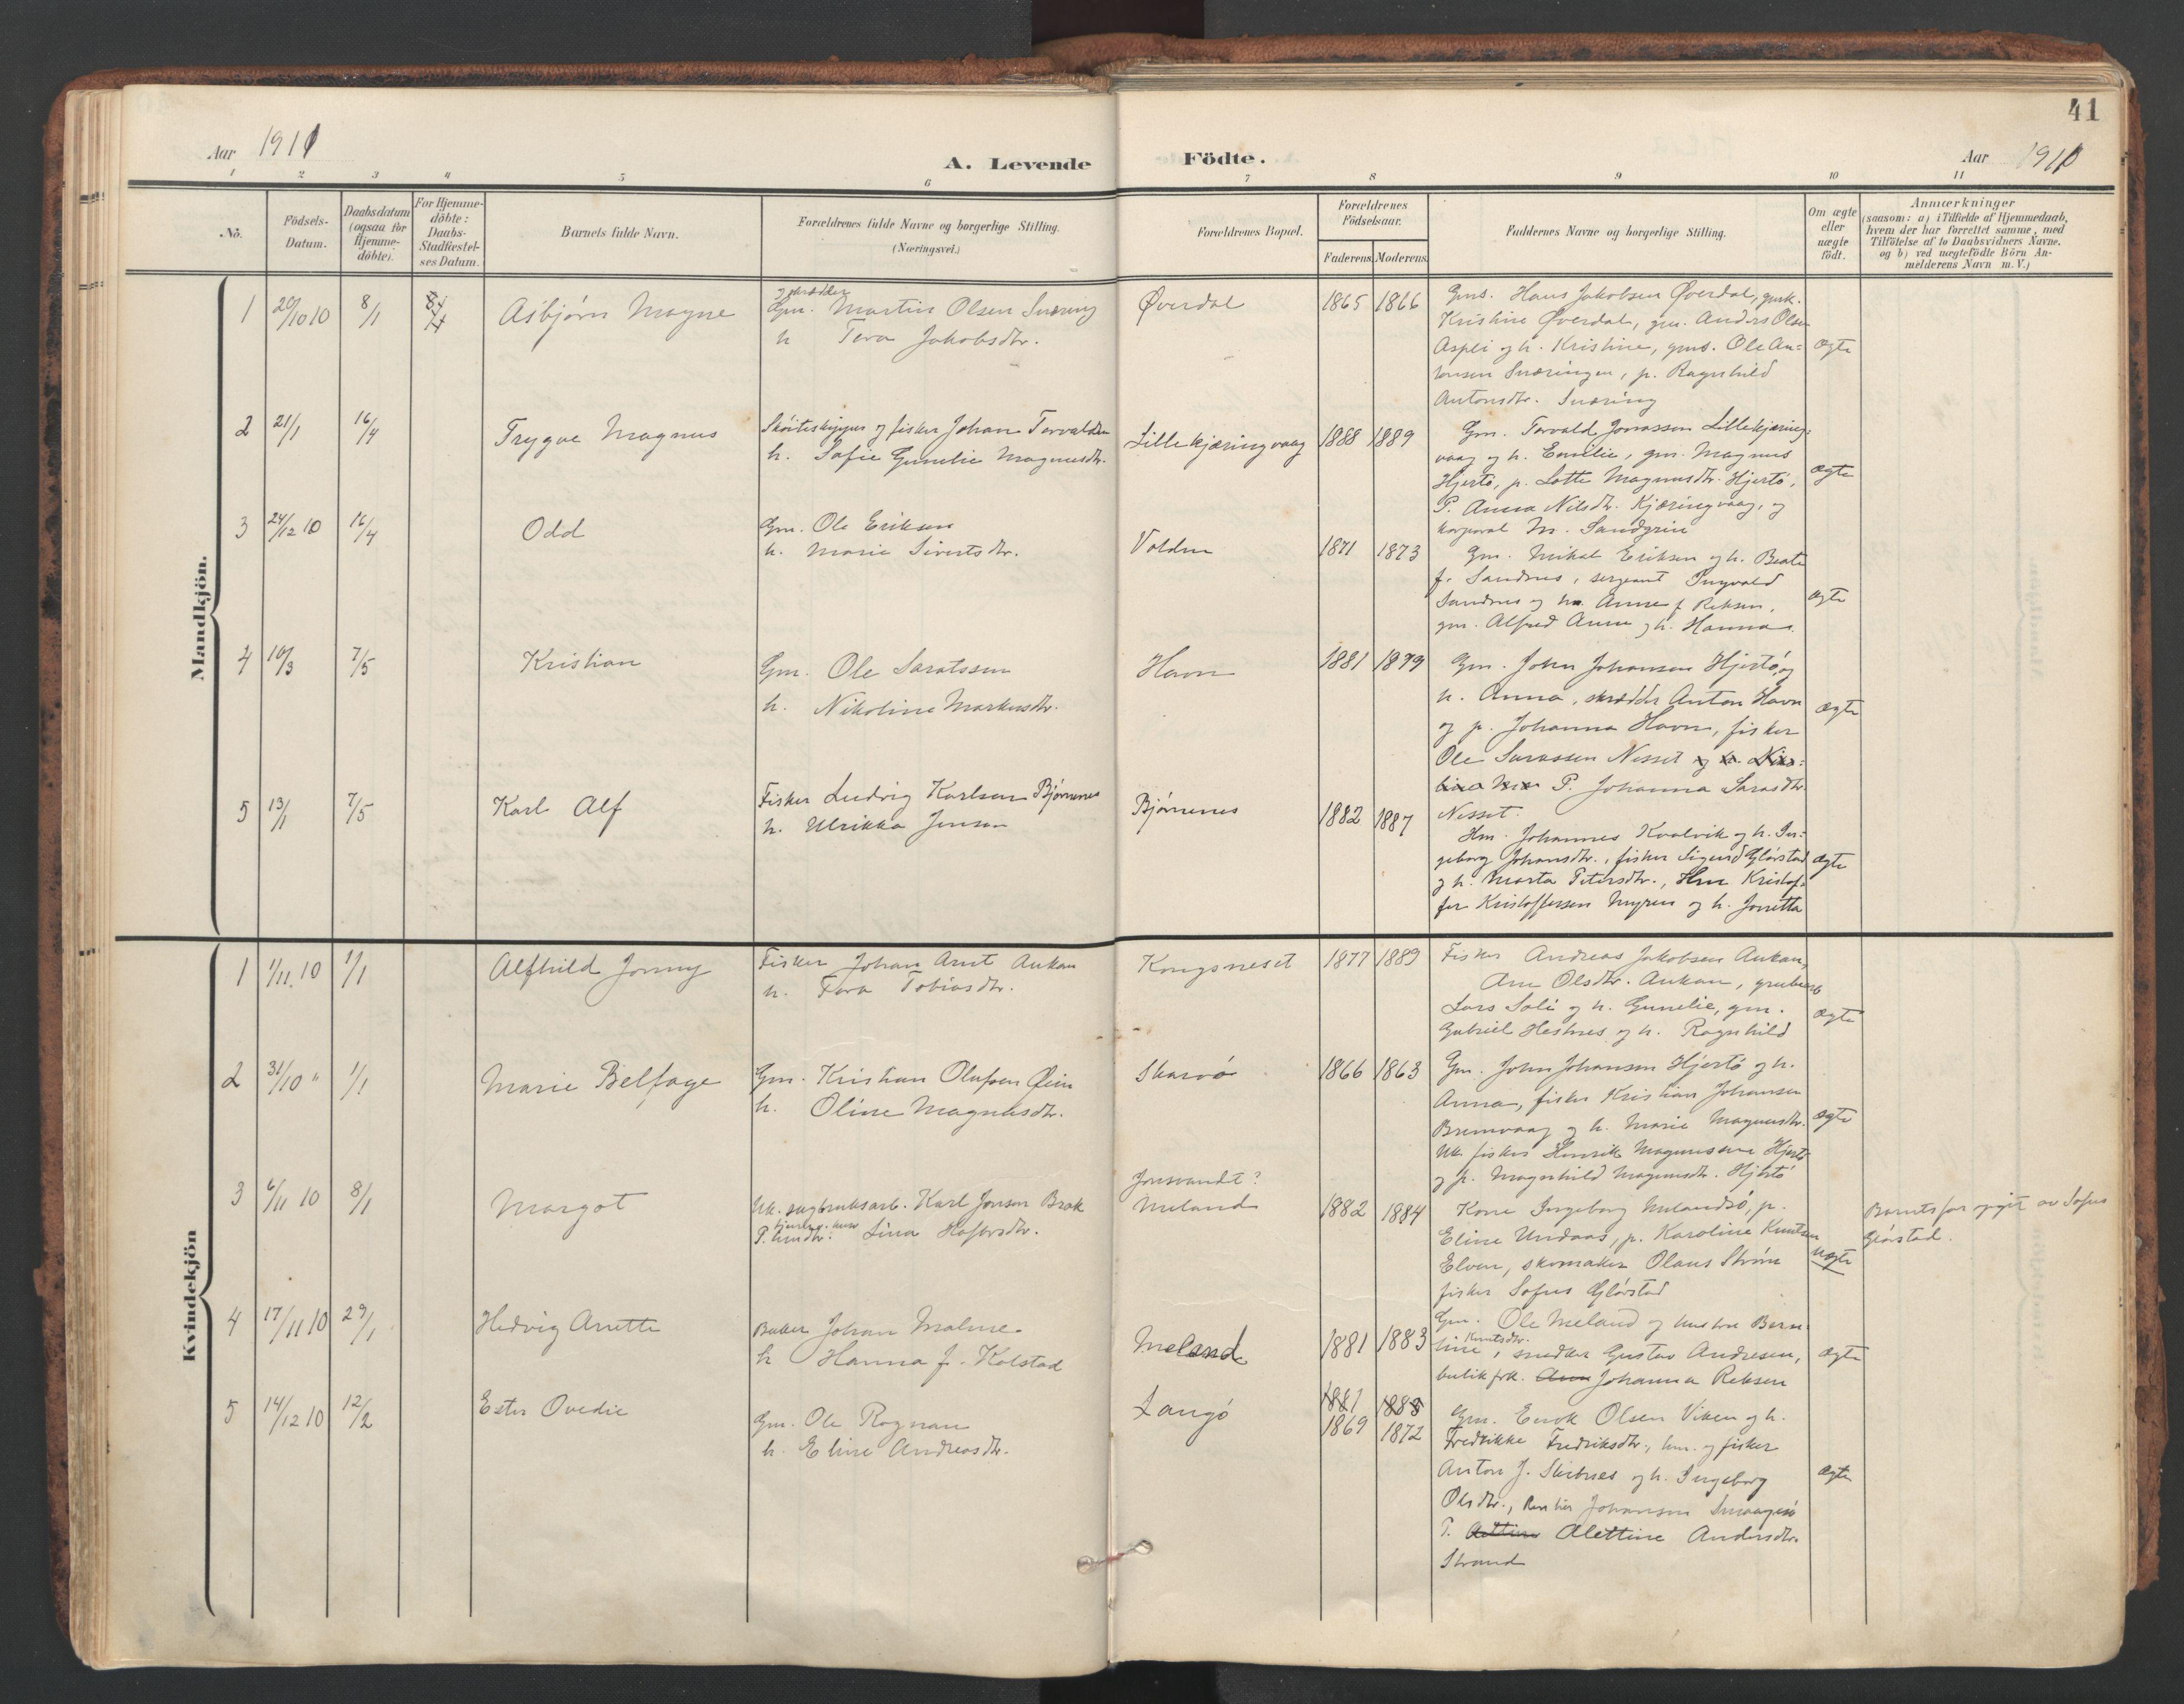 SAT, Ministerialprotokoller, klokkerbøker og fødselsregistre - Sør-Trøndelag, 634/L0537: Ministerialbok nr. 634A13, 1896-1922, s. 41